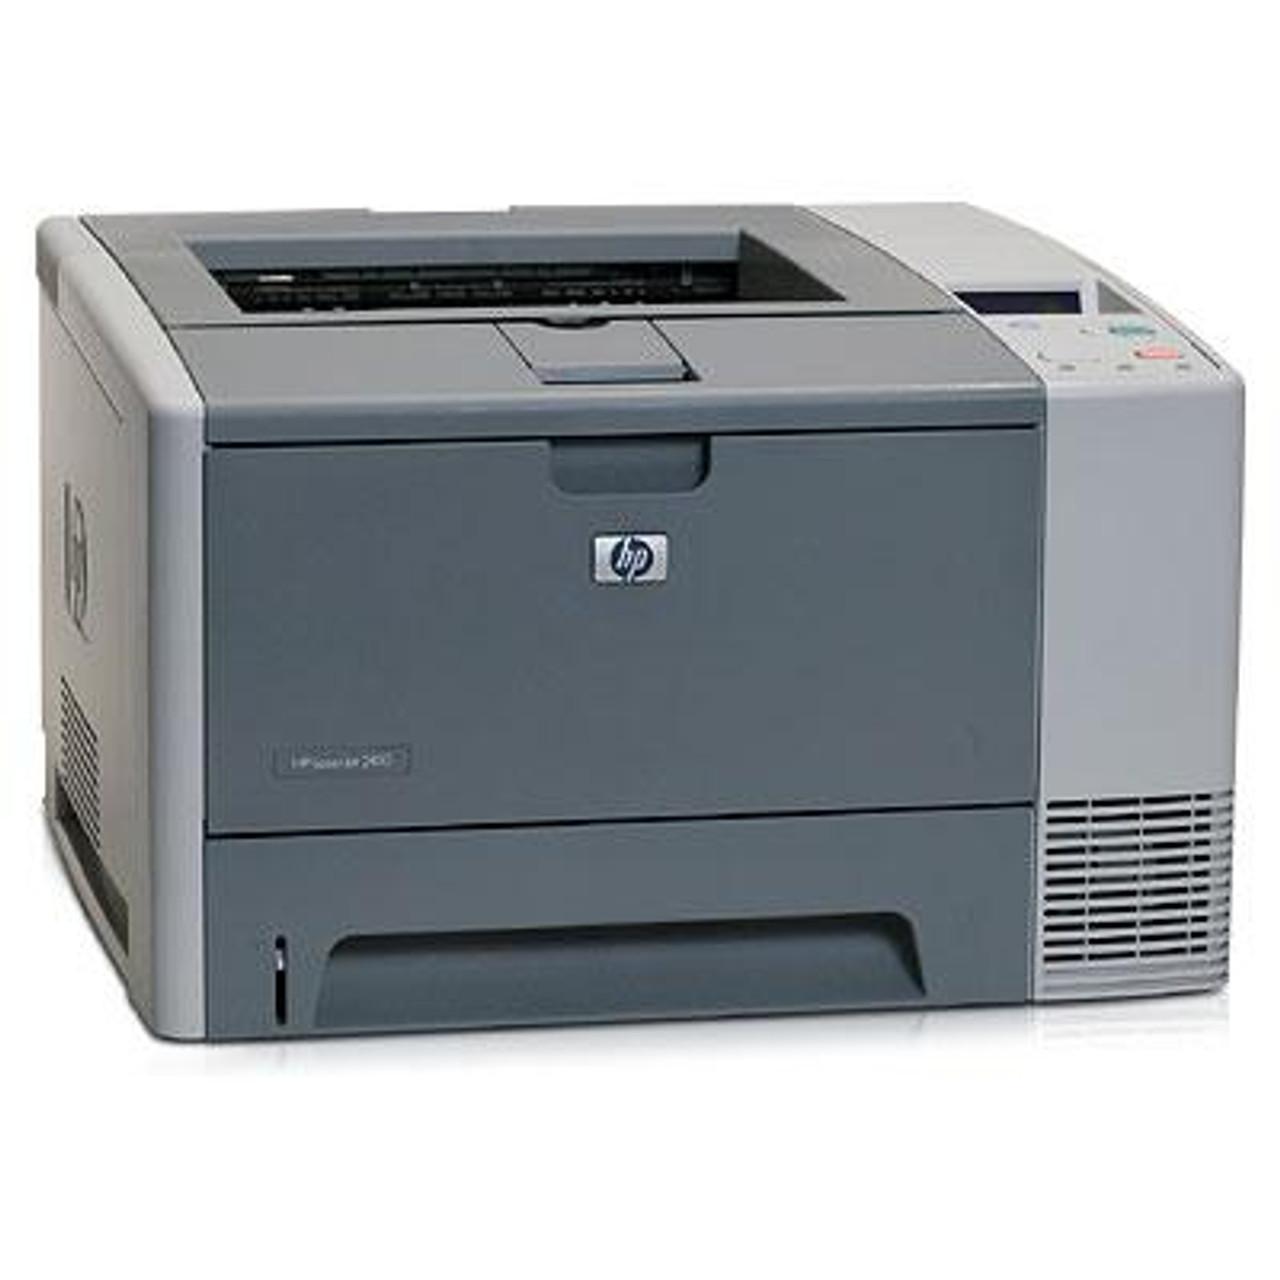 HP Laserjet 2420 Refurbished - Q5956A - HP Laser Printer for sale